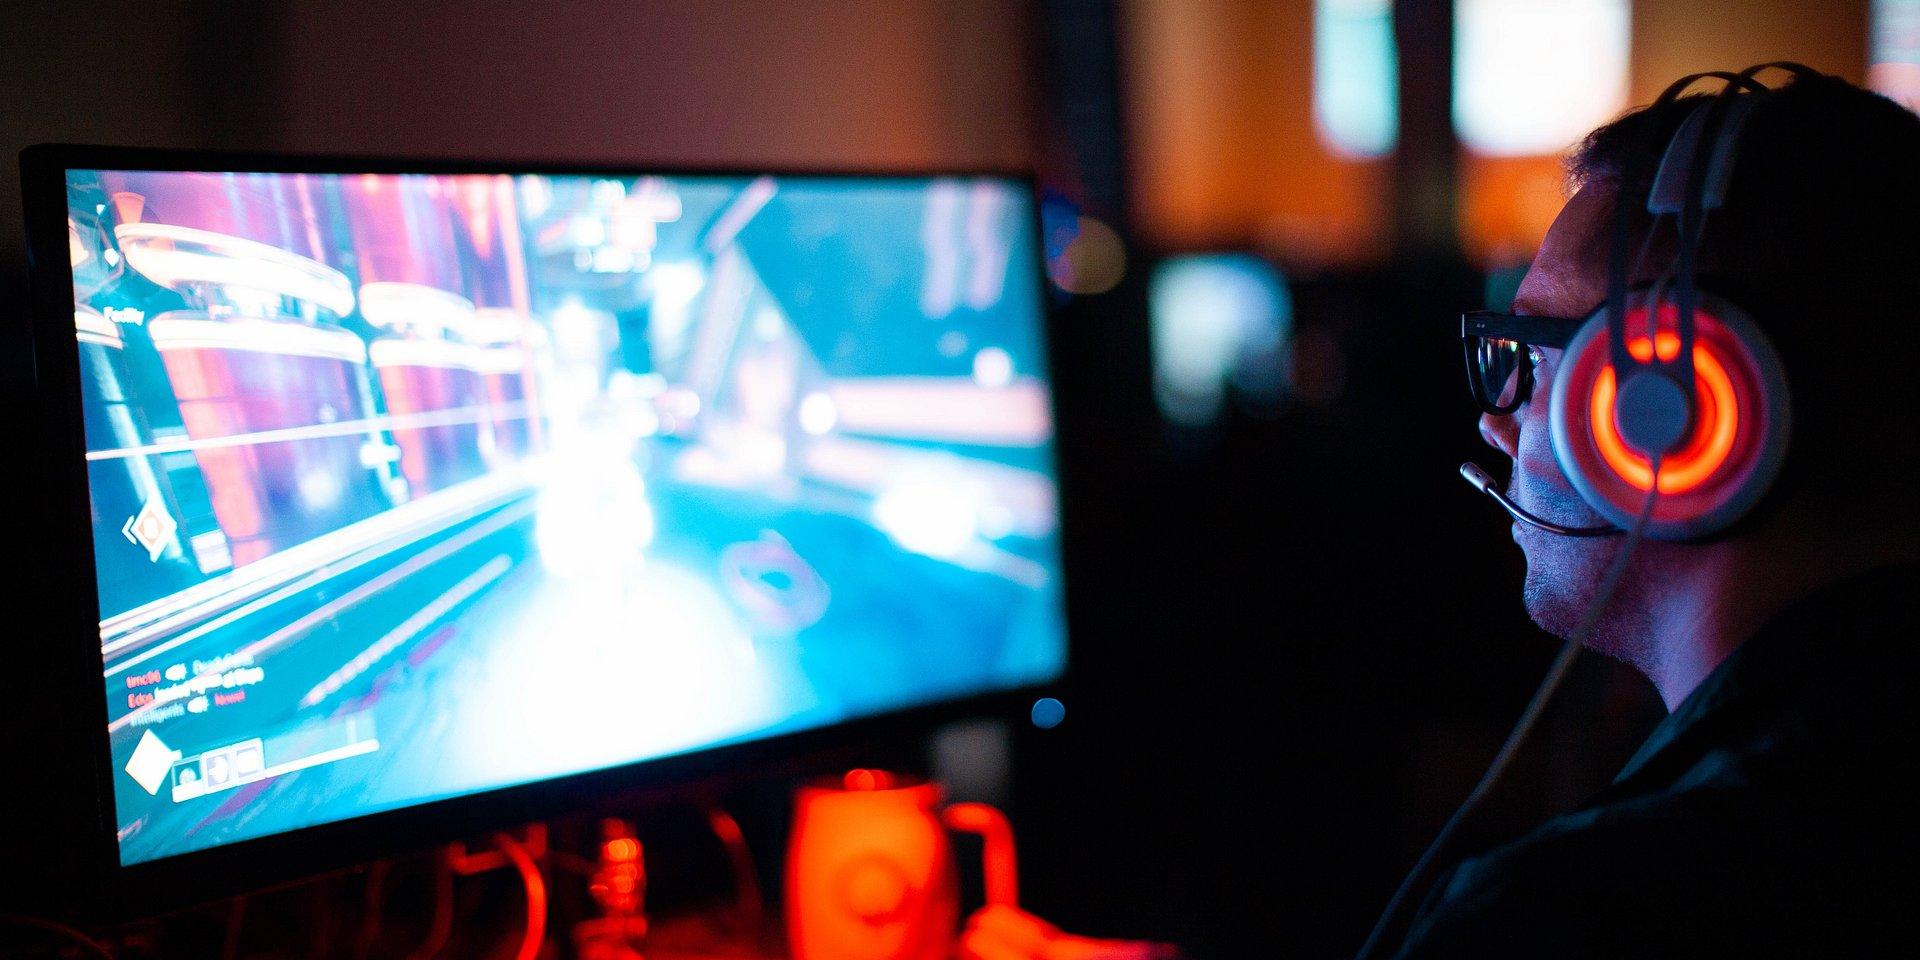 Ubisoft i Quantic Dream nowymi klientami Monday. Jedne z najpopularniejszych gamingowych marek w portfolio agencji